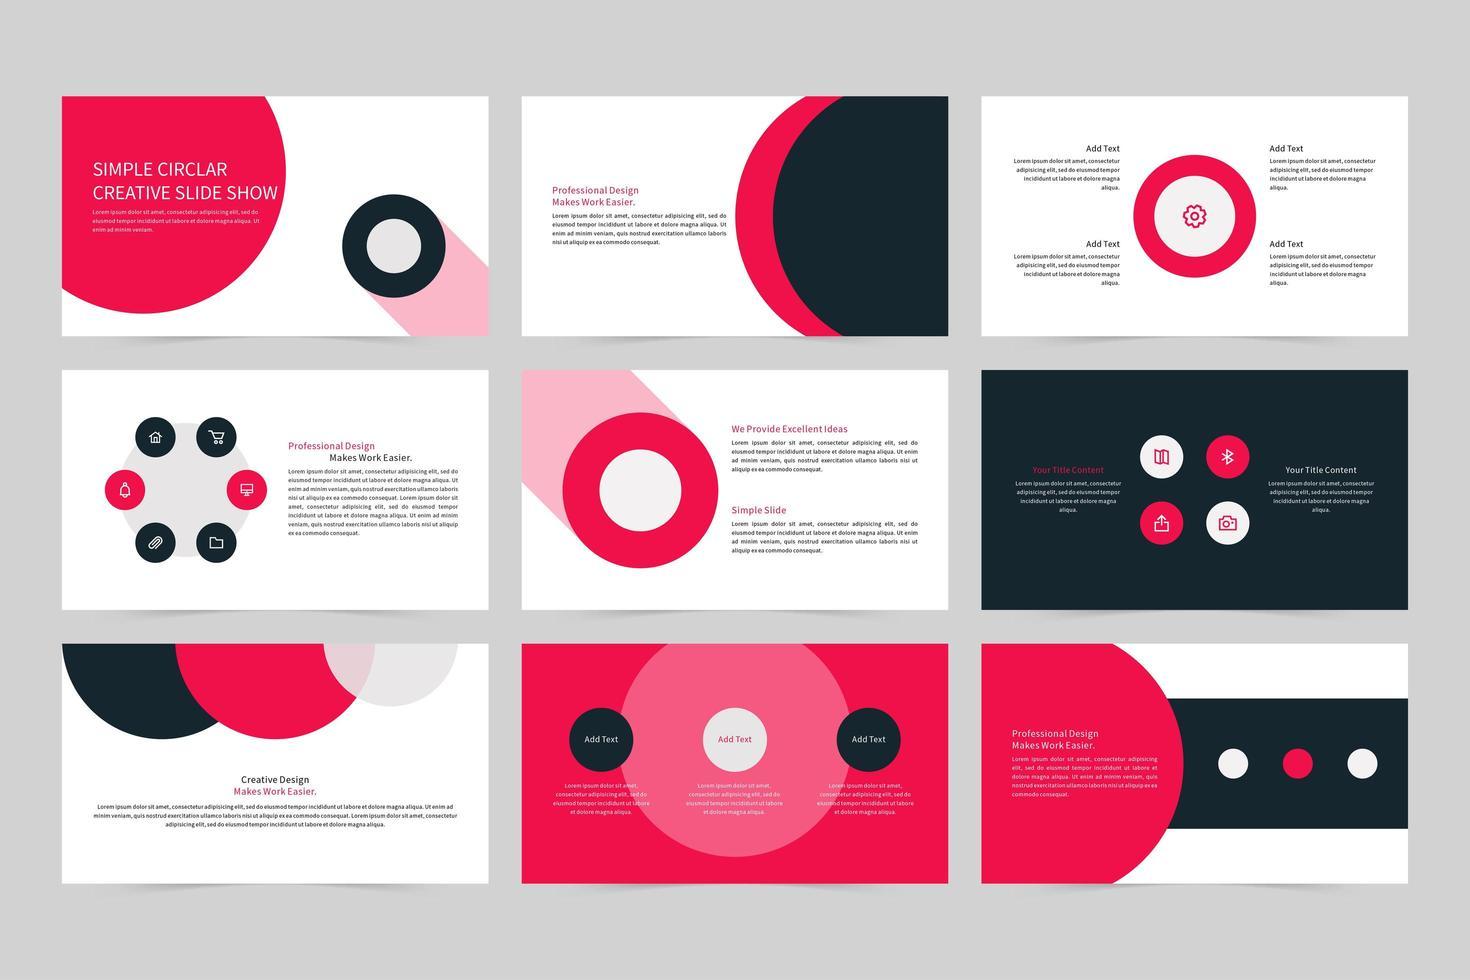 eenvoudige cirkelvormige creatieve diashow set vector